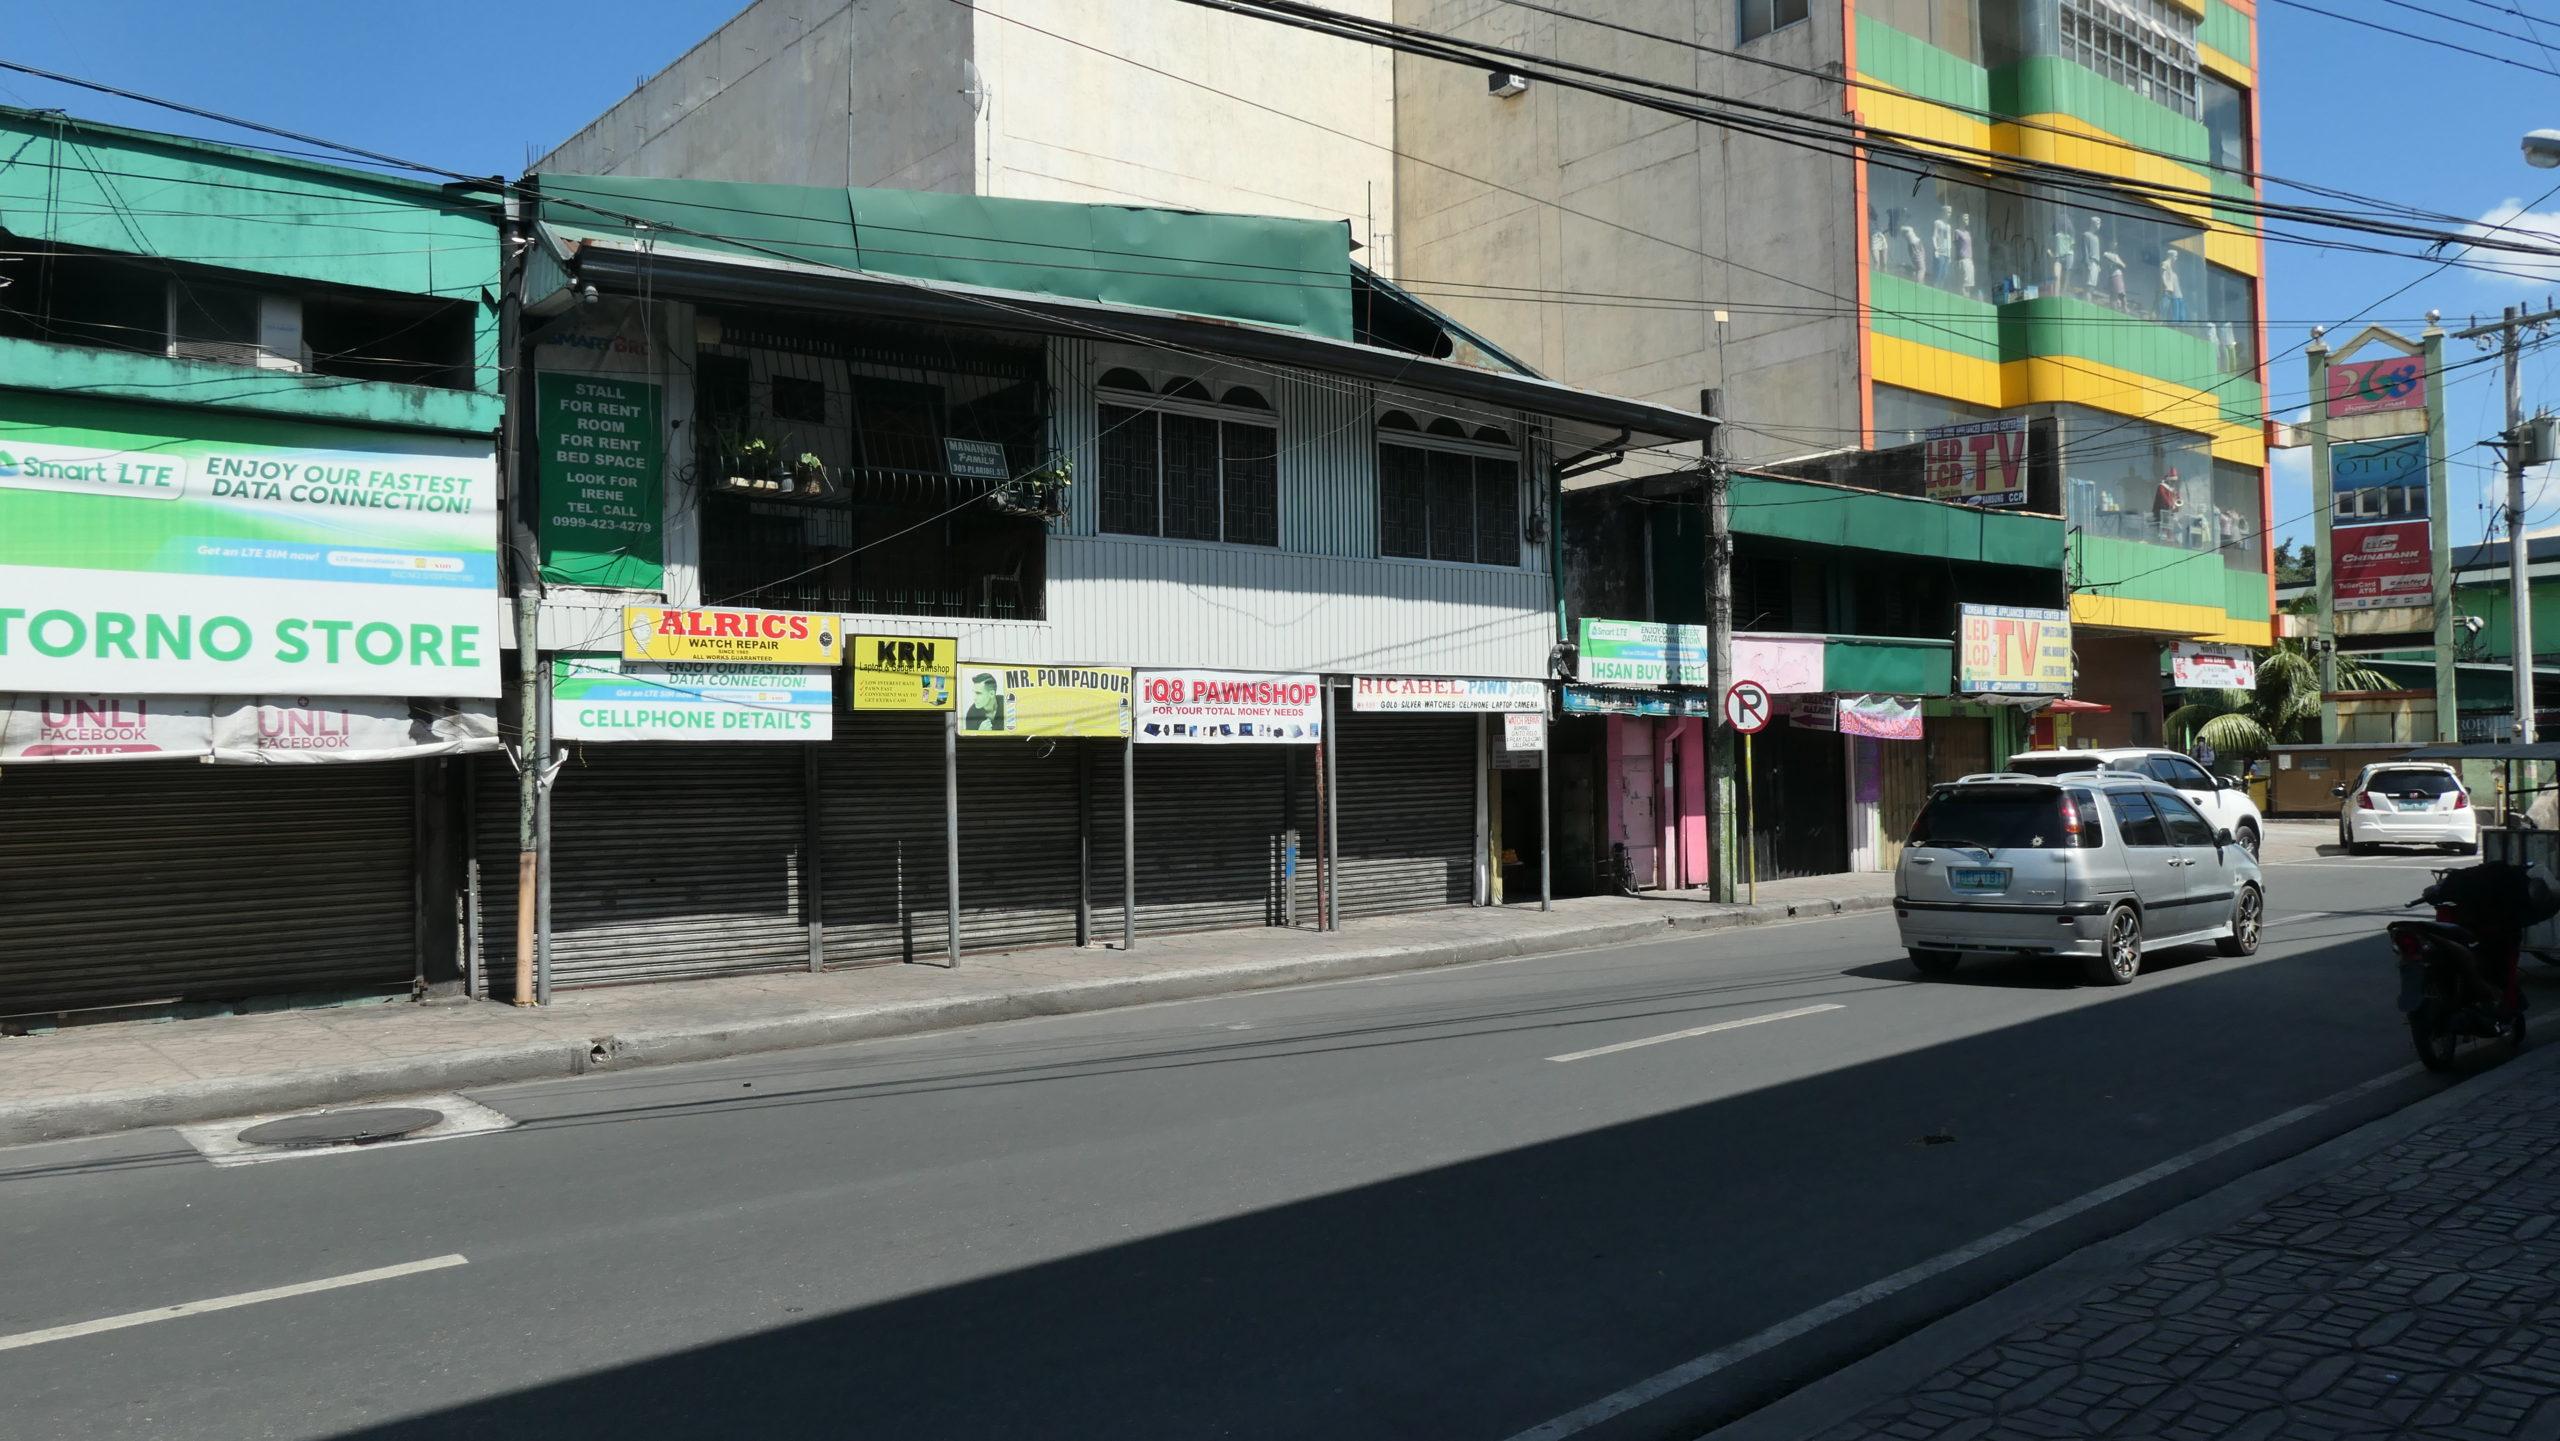 フィリピンメイン都市でロックダウンが5月15日まで延長